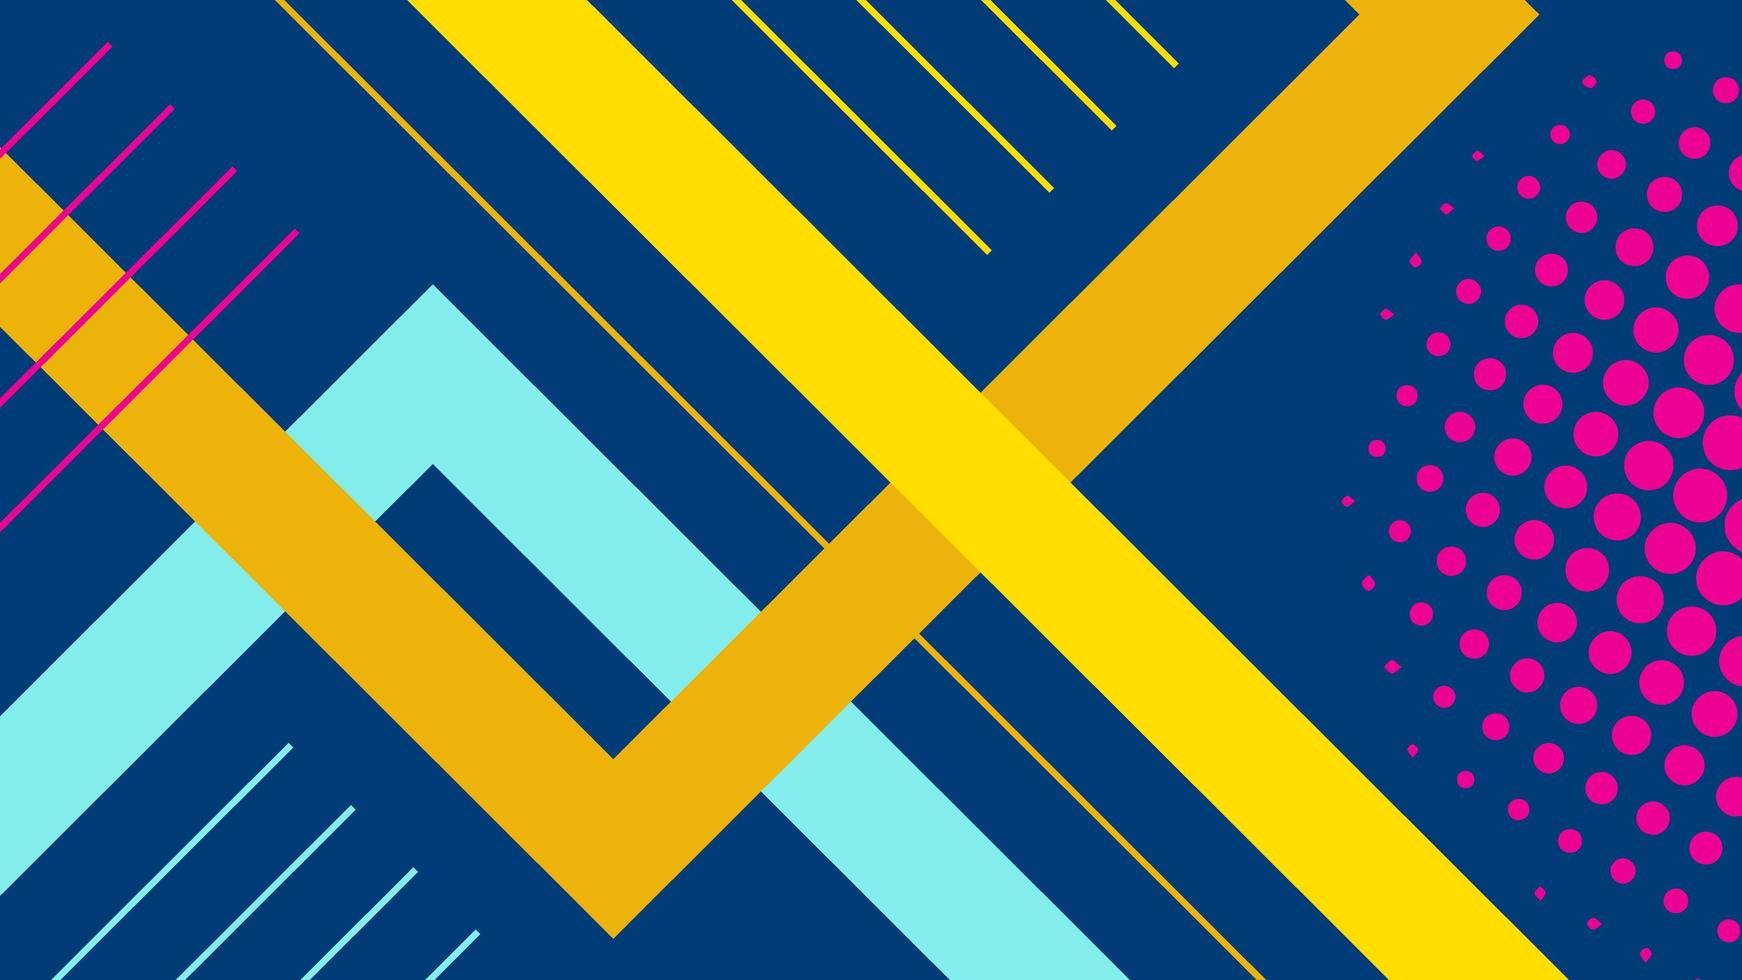 abstrakt minimal platt geometrisk bakgrund vektor